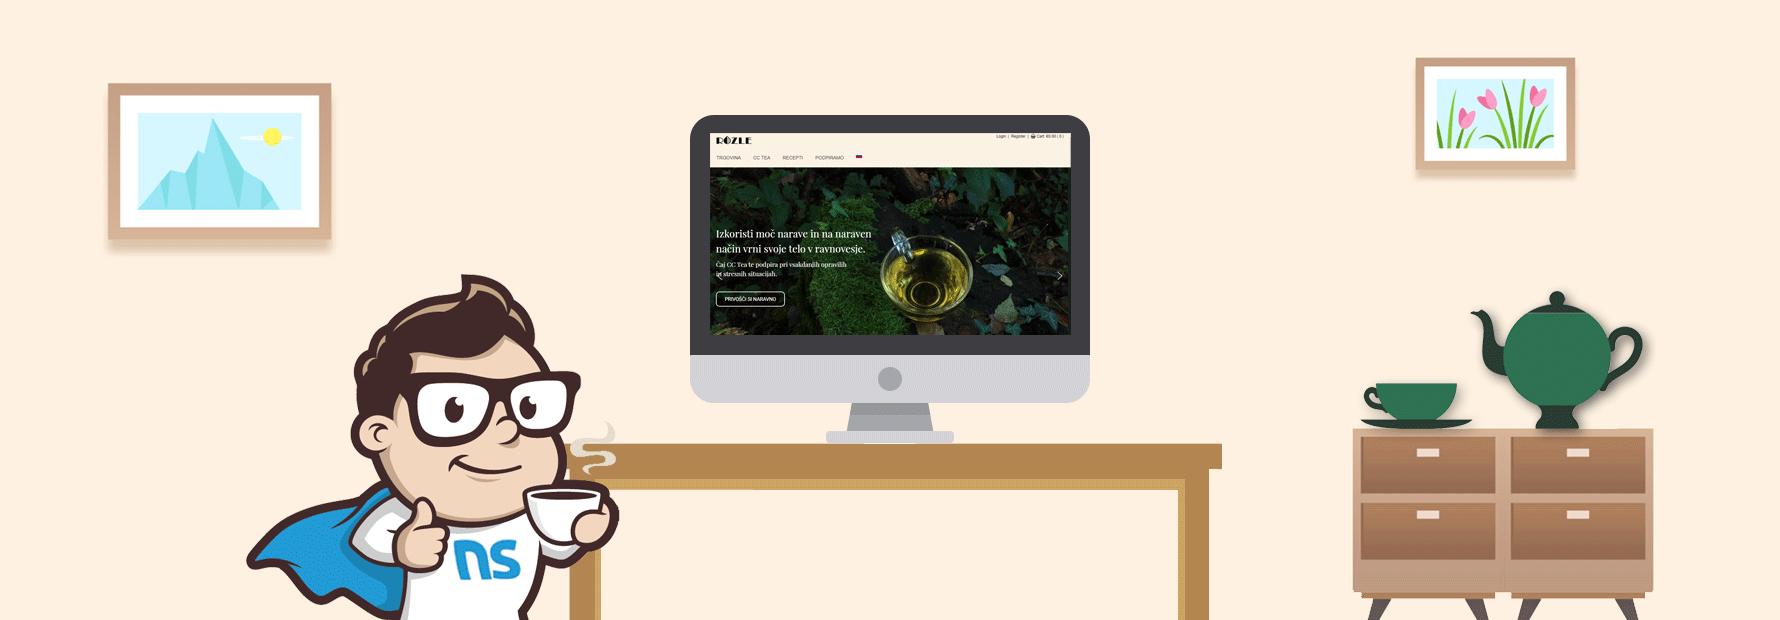 Rozle-tea.com